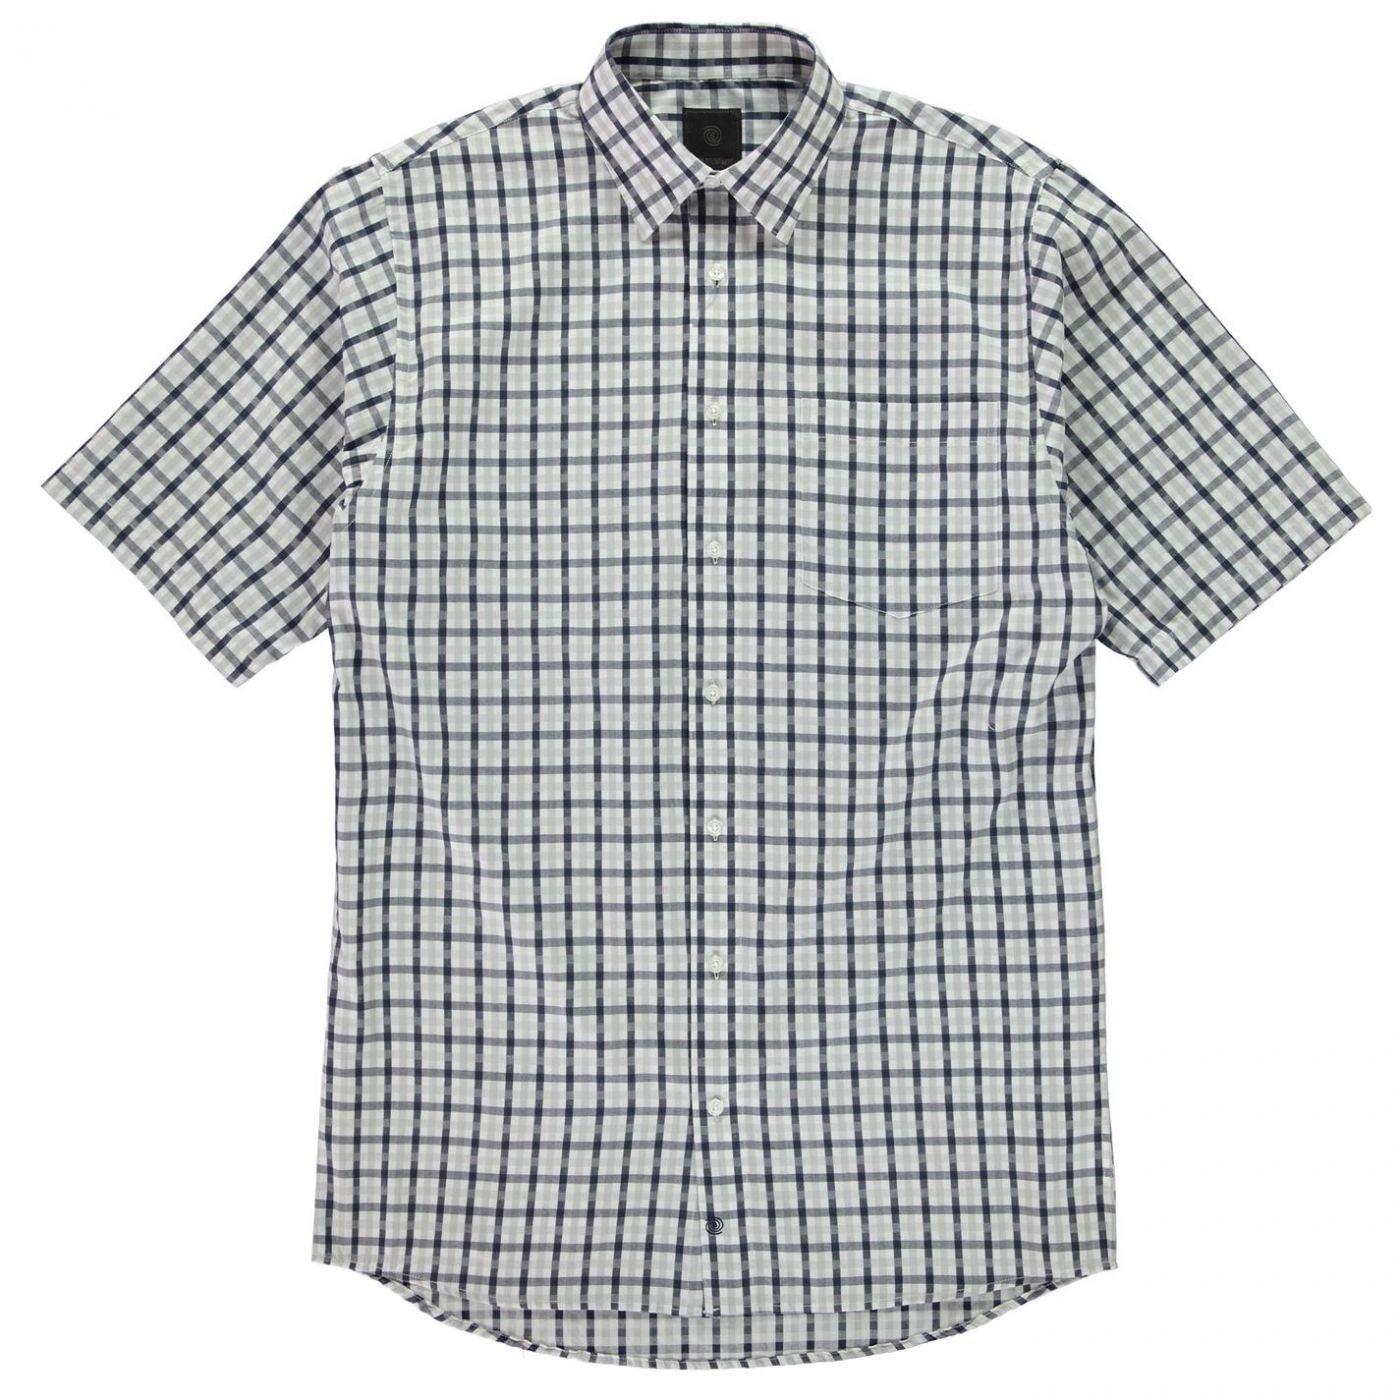 Fusion Checked Short Sleeve Shirt Mens